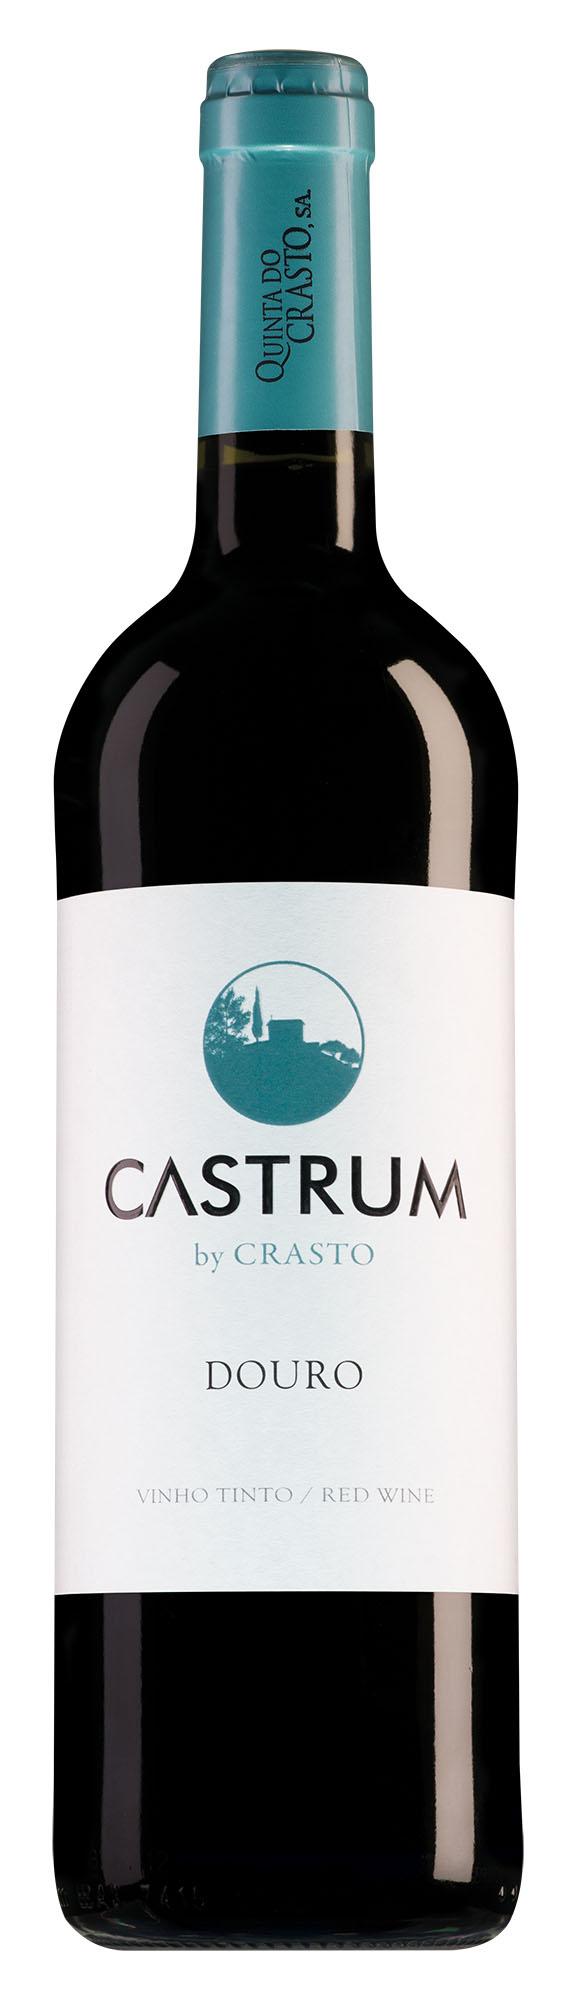 Quinta do Crasto Douro Castrum